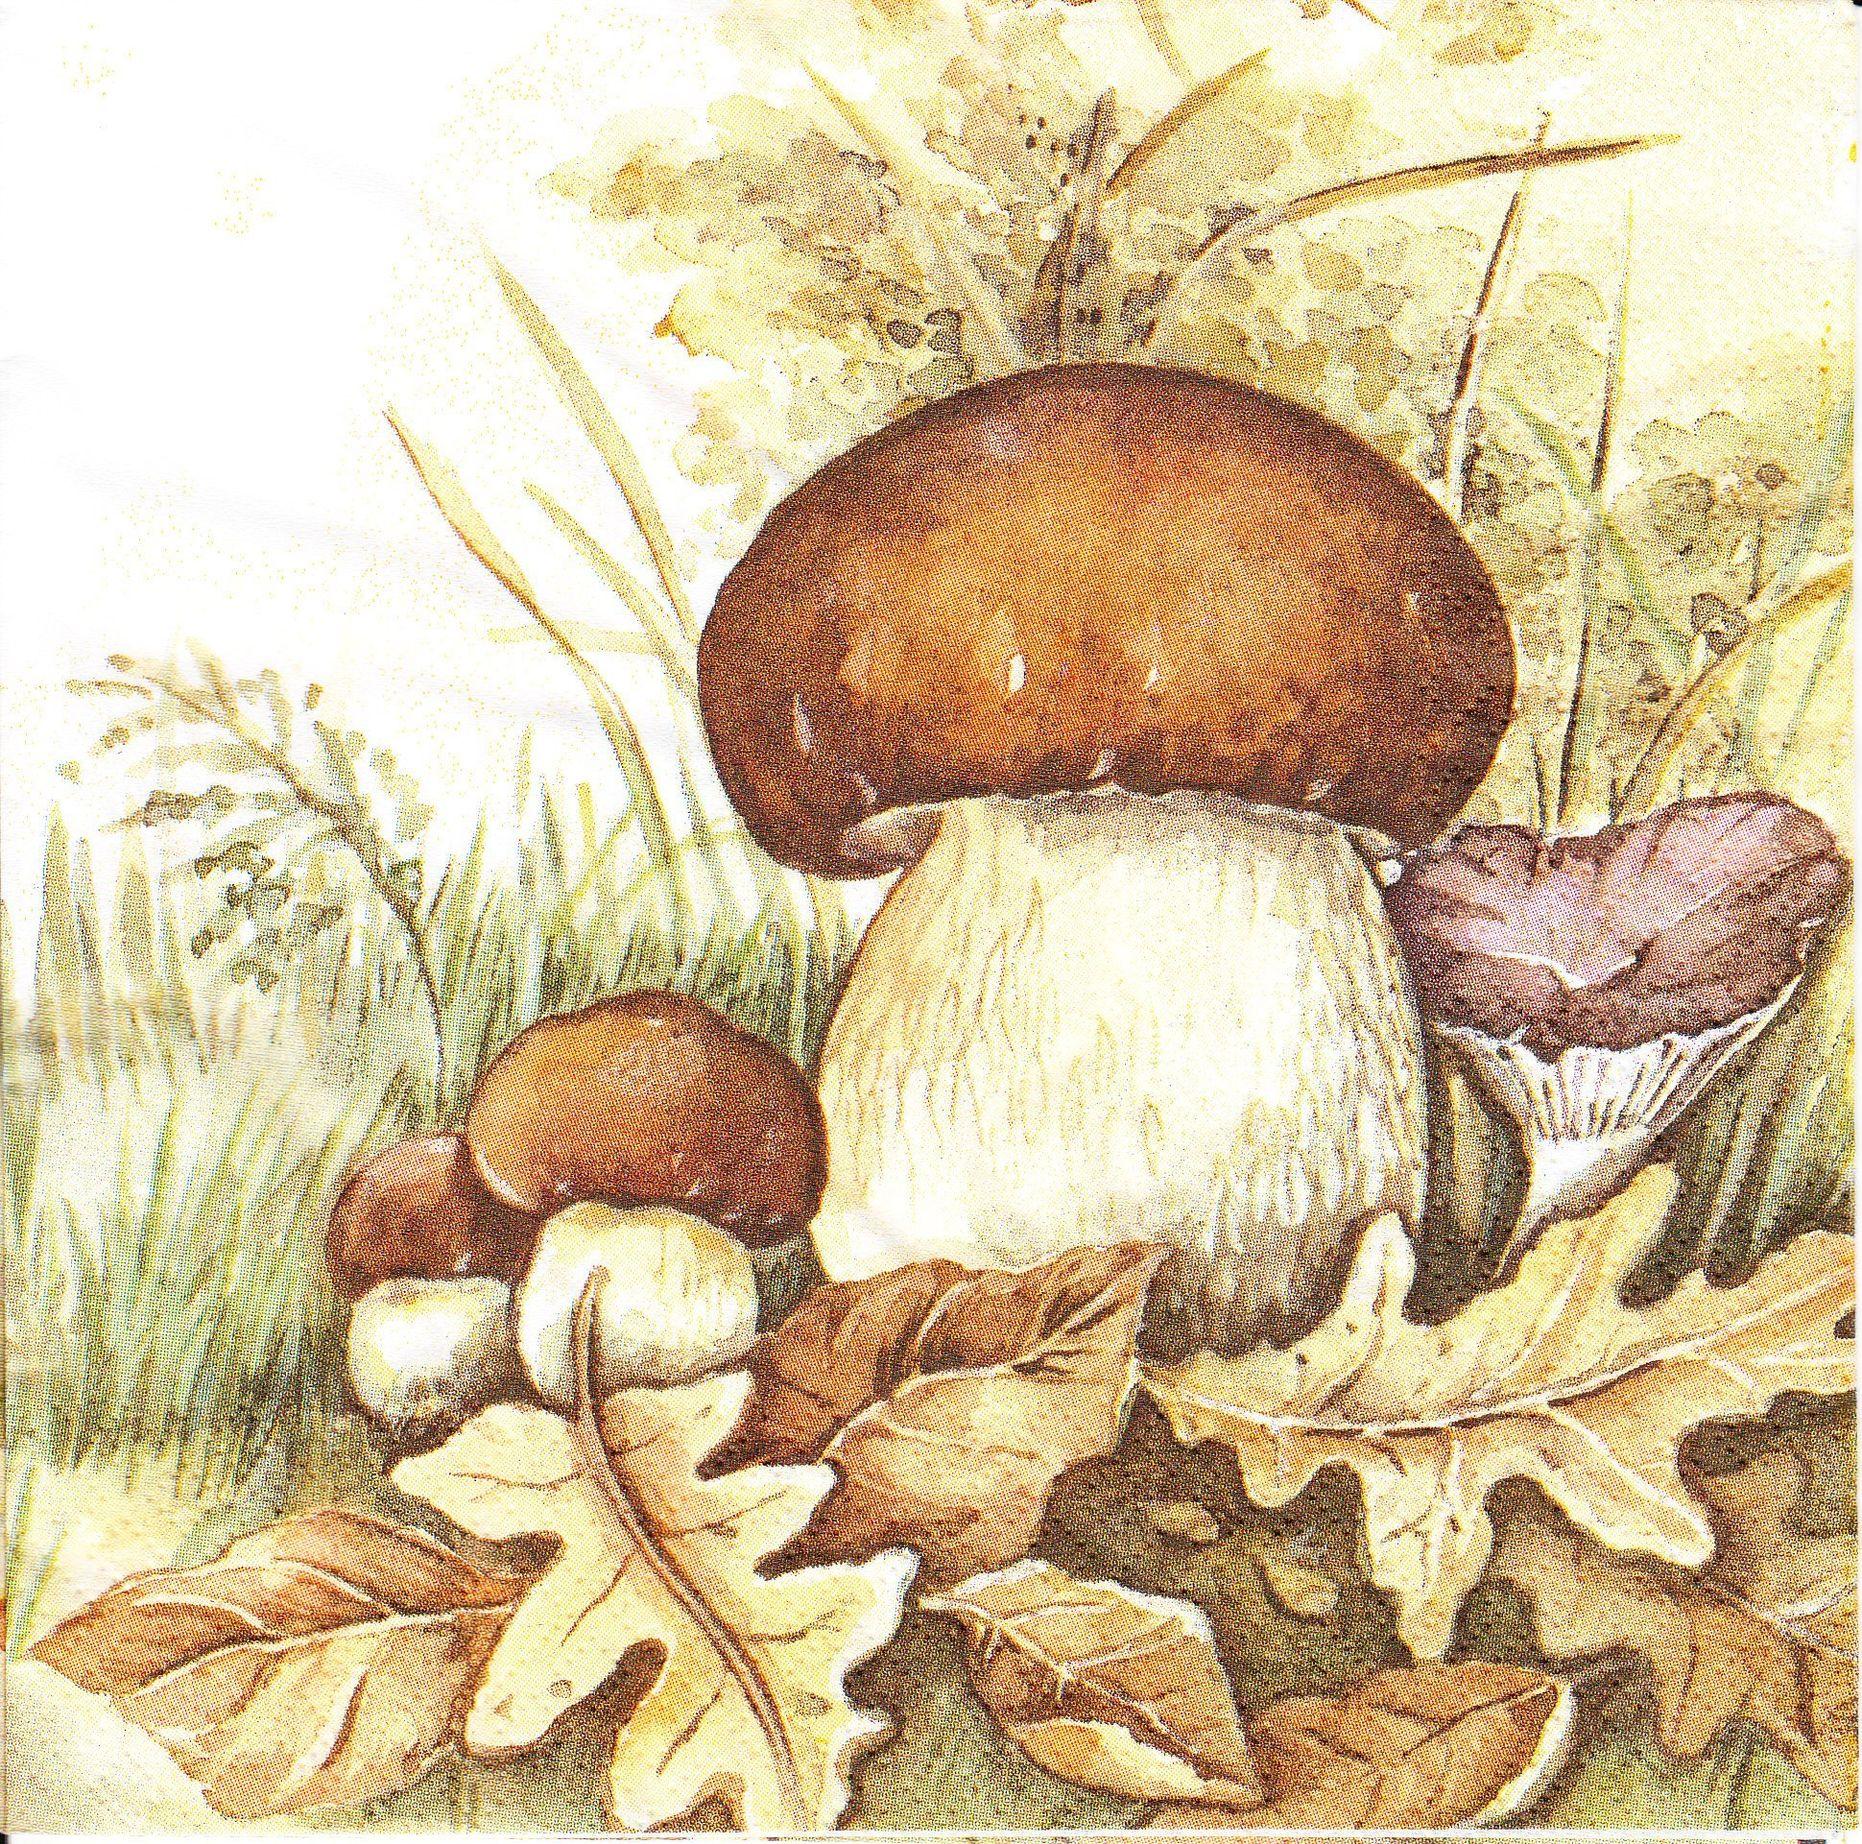 такой белый гриб рисунок картинка обожаемого